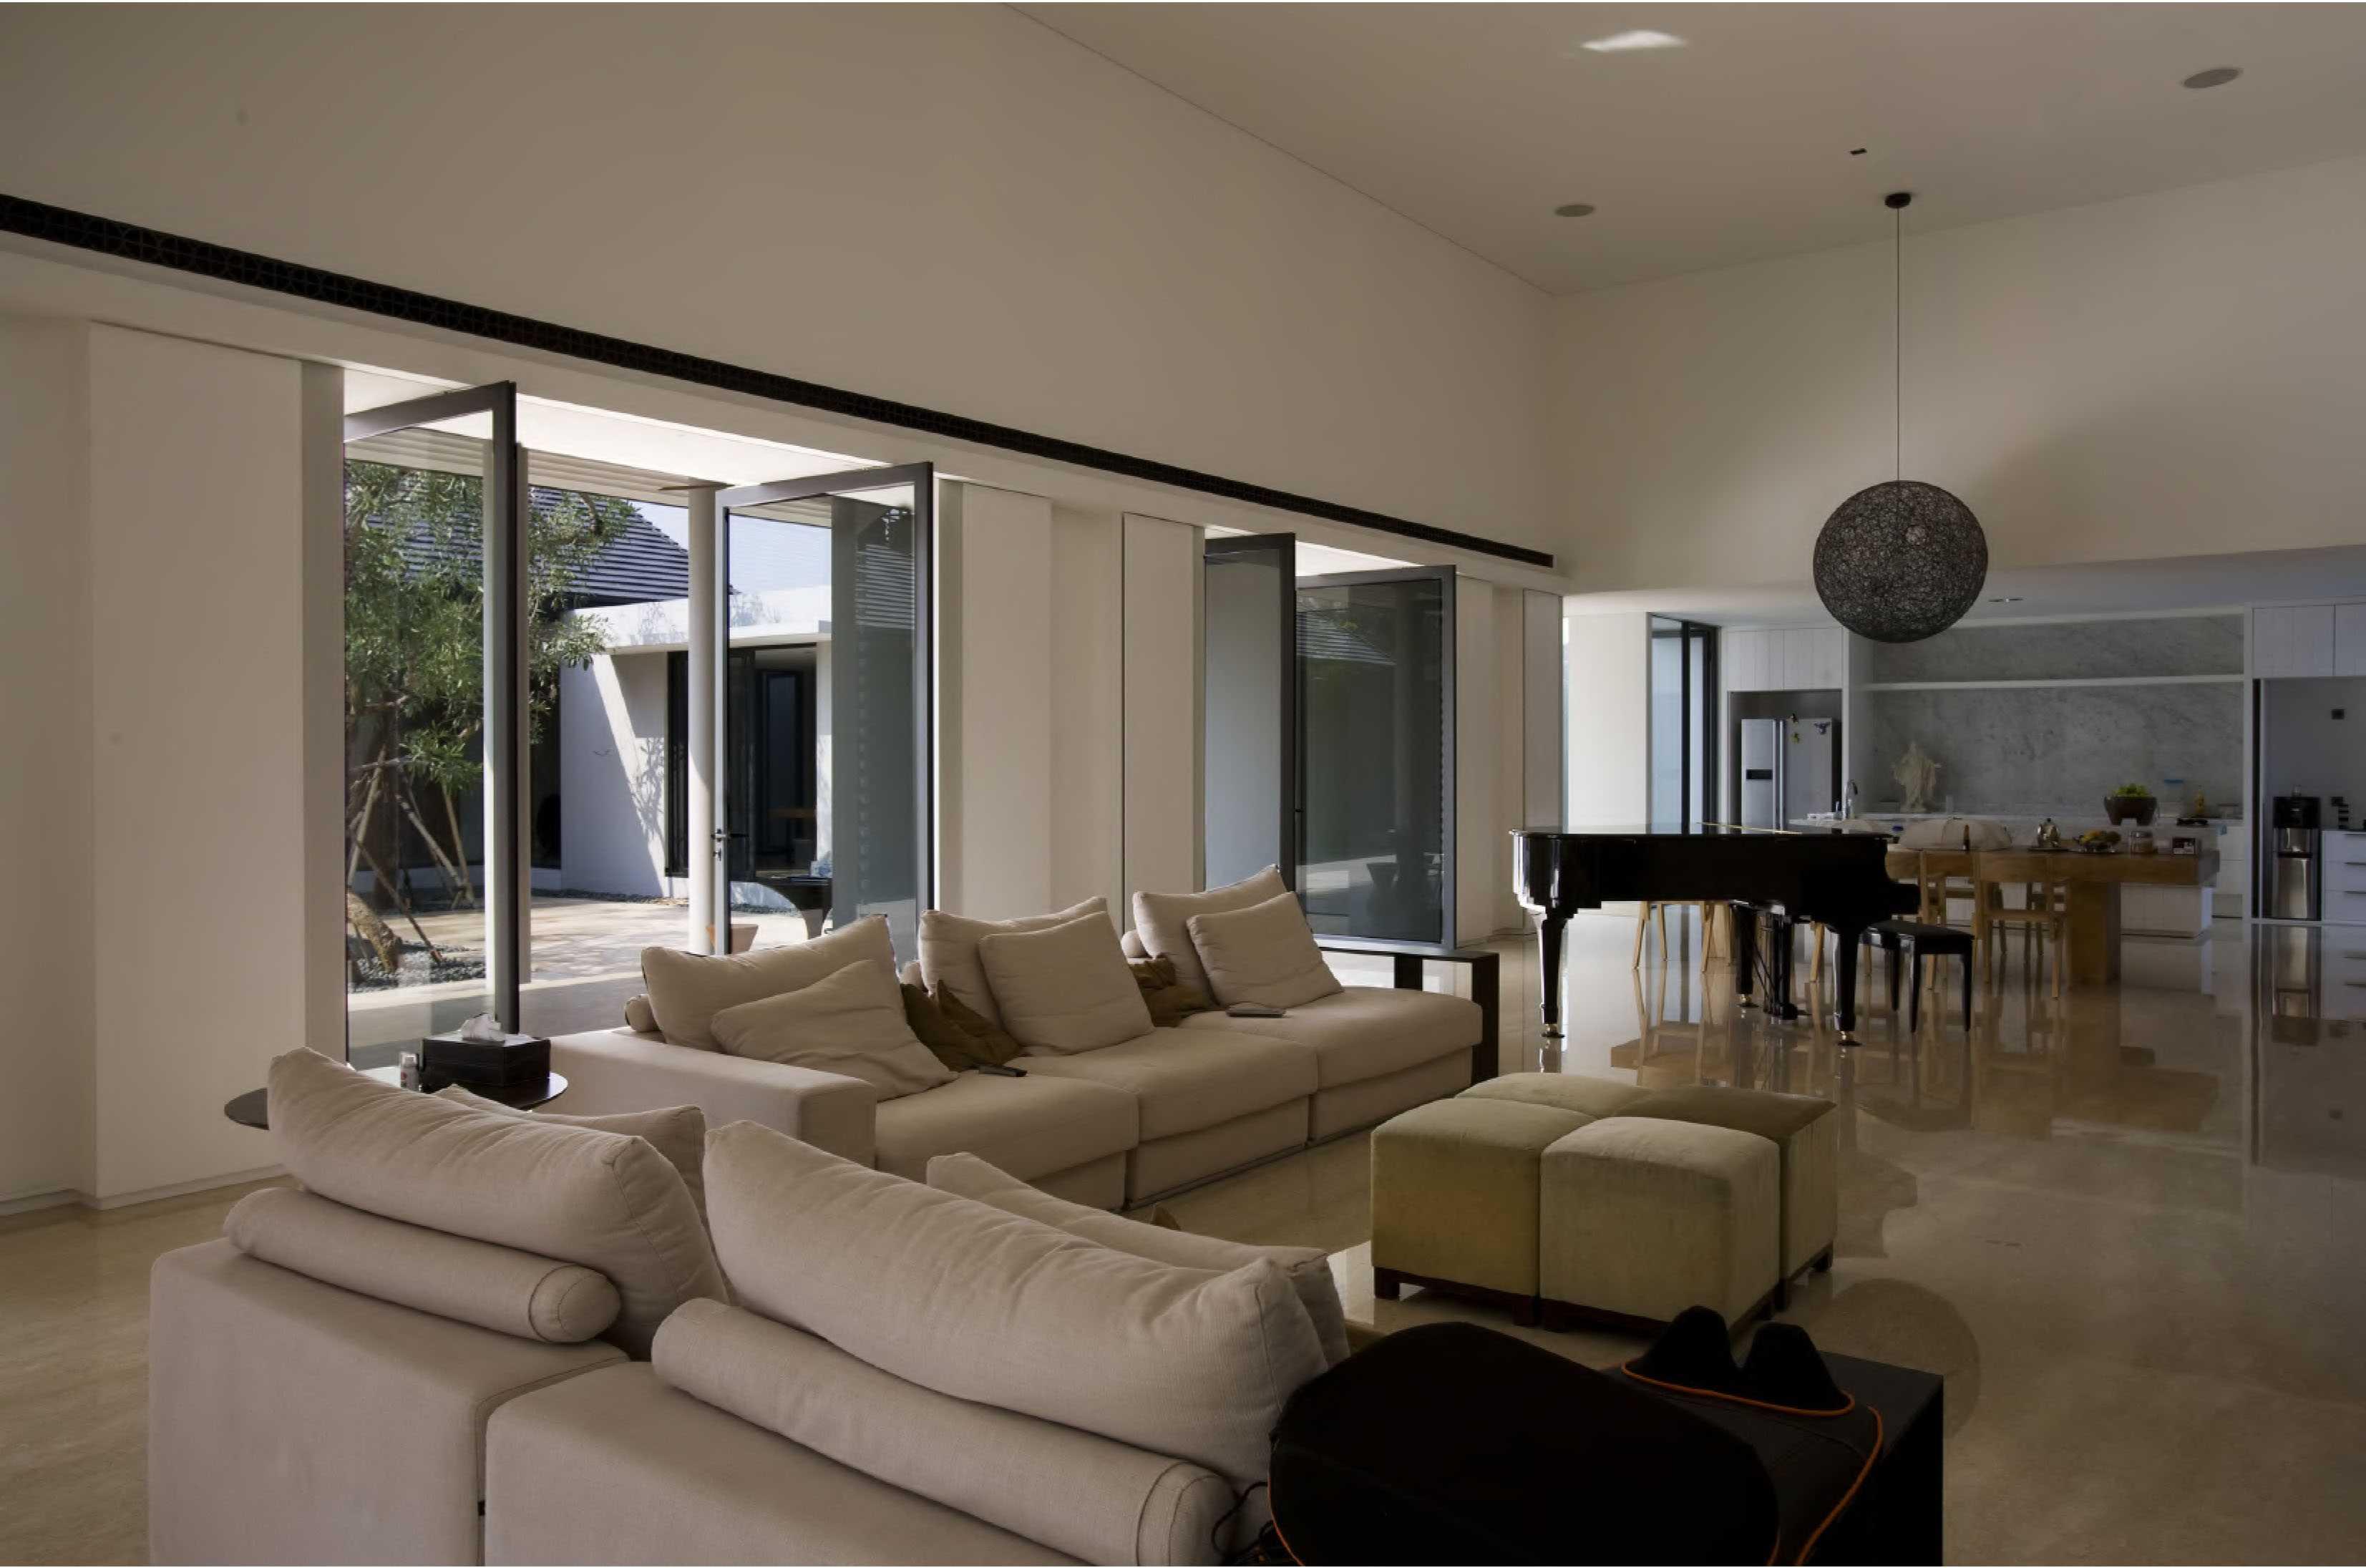 Studio Air Putih P_House Bsd, Serpong Bsd, Serpong Living Room   25074